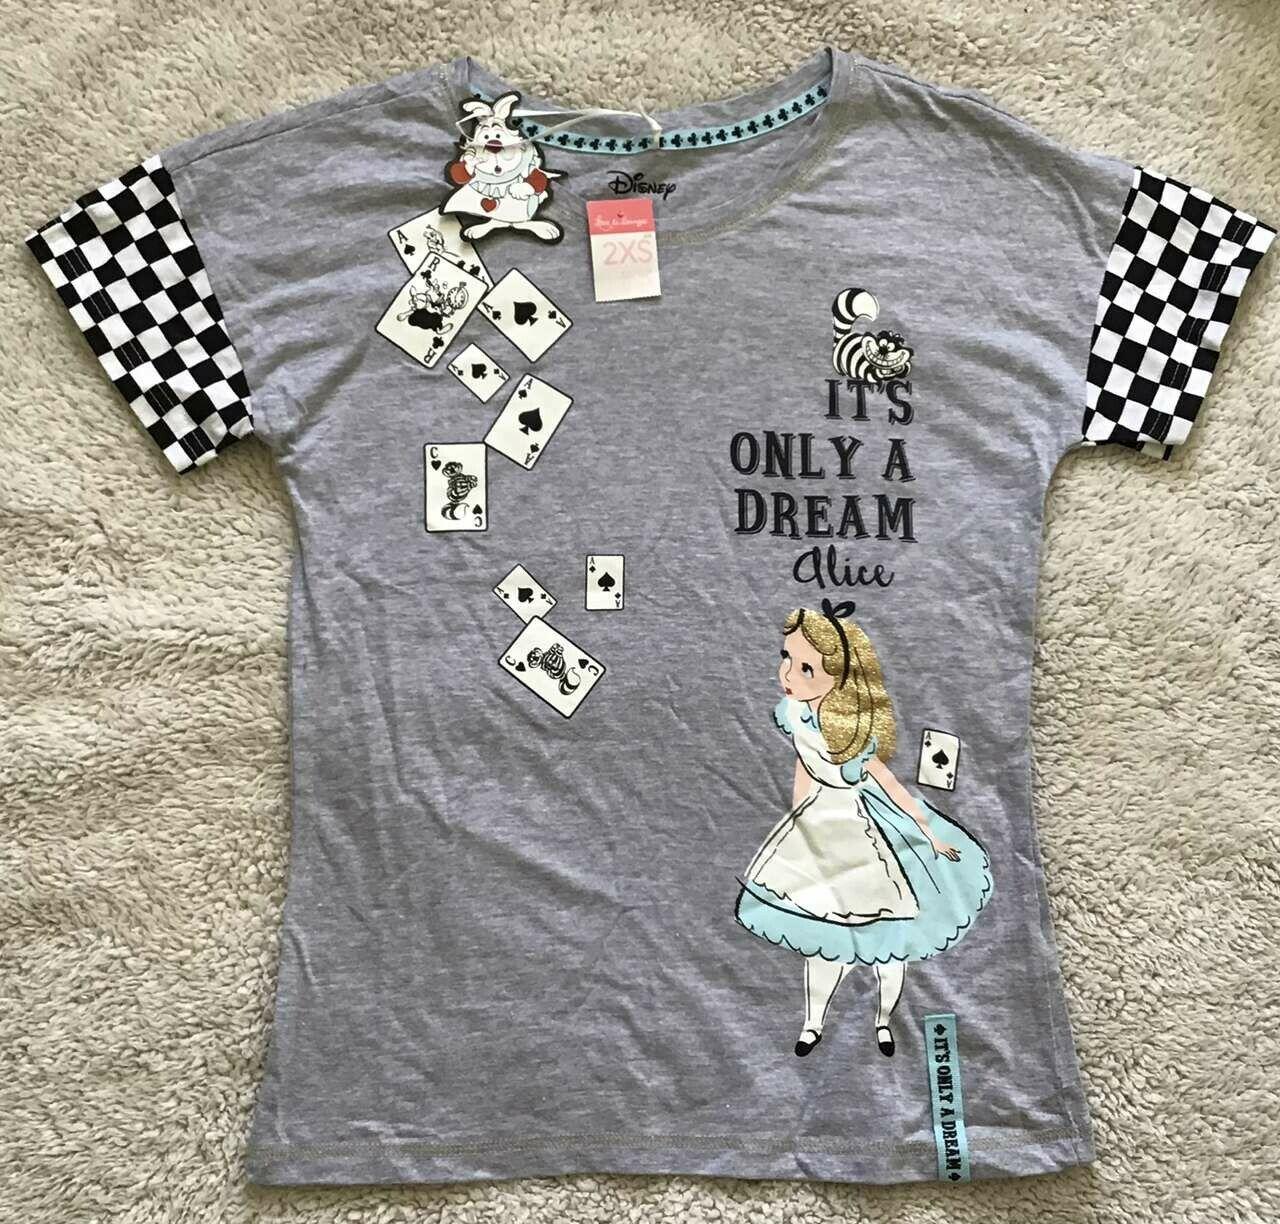 unterwäsche primark disney nightshirt uk 10/12 ladies women